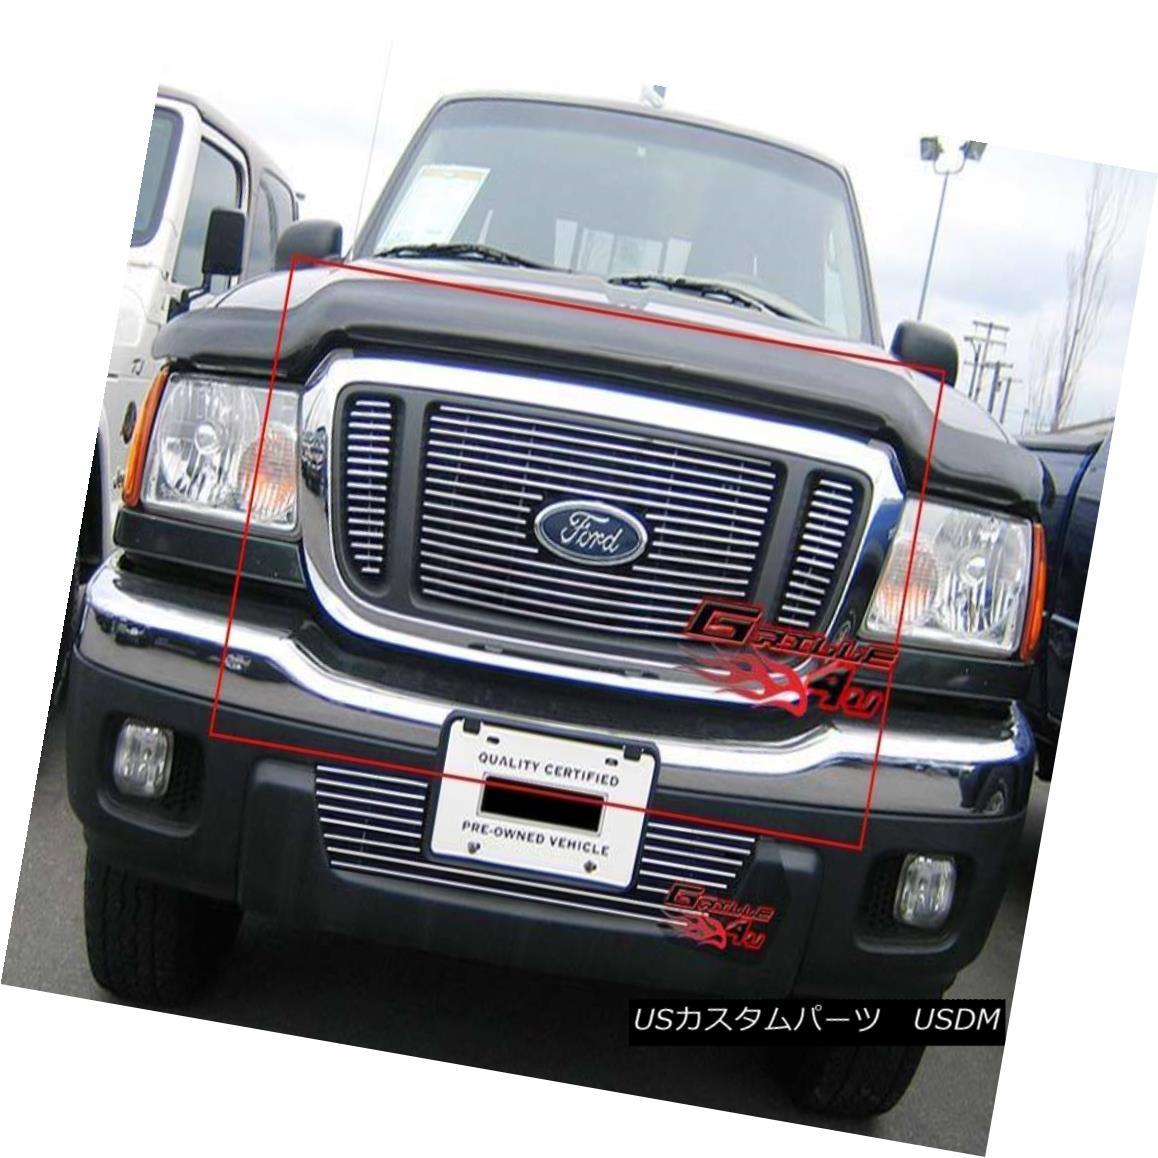 グリル Fits 2004-2005 Ford Ranger Billet Grille Insert フィッティング2004-2005フォードレンジャービレットグリルインサート